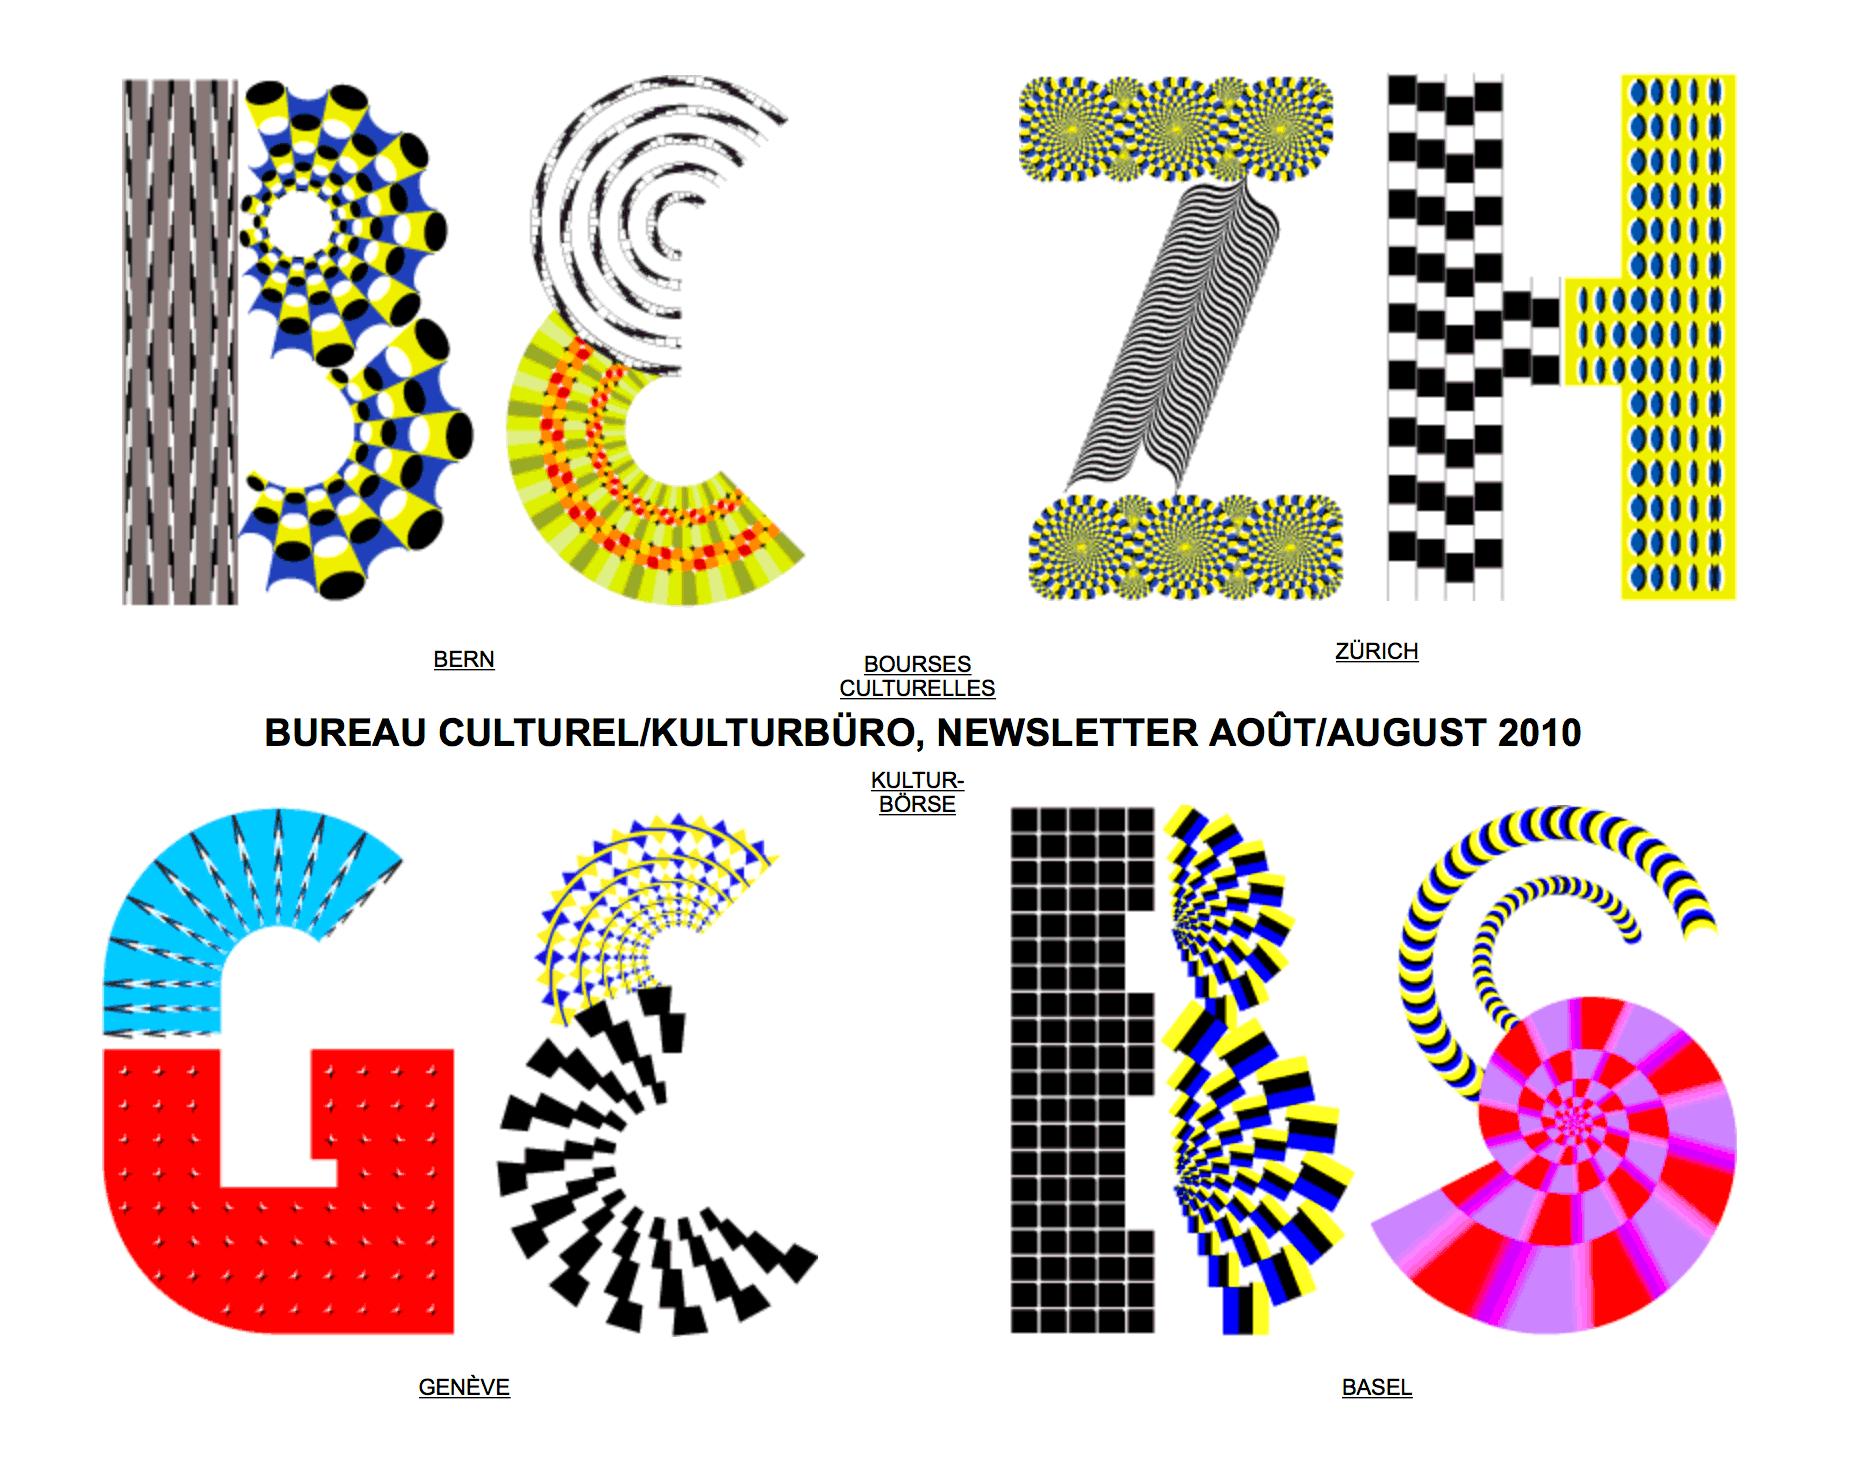 Le Bureau culturel mandatait chaque mois un studio de graphisme pour réaliser leur homepage/newsletter. En collaboration avec Boris Meister. En tant que Schönherwehrs